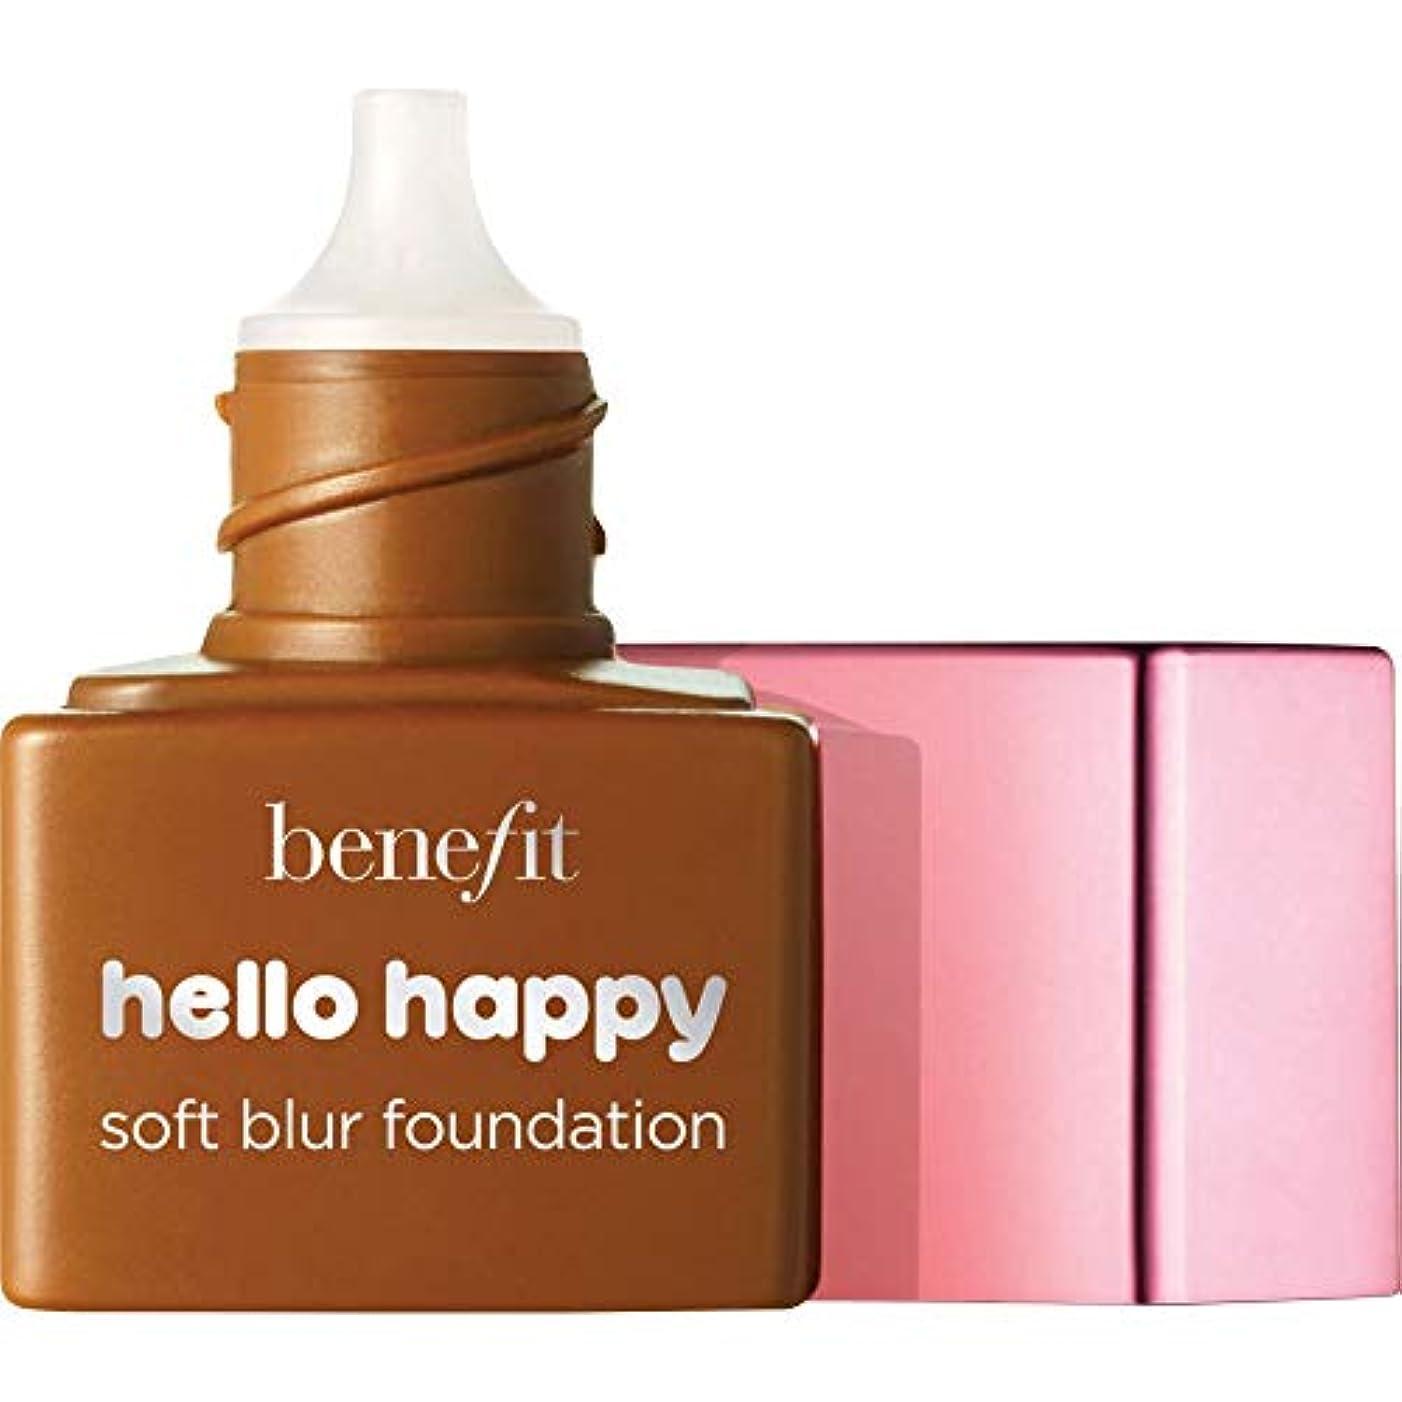 勉強する異形引き付ける[Benefit ] ミニ9 - - ハロー幸せソフトブラー基礎Spf15の6ミリリットルの利益中立深いです - Benefit Hello Happy Soft Blur Foundation SPF15 6ml -...